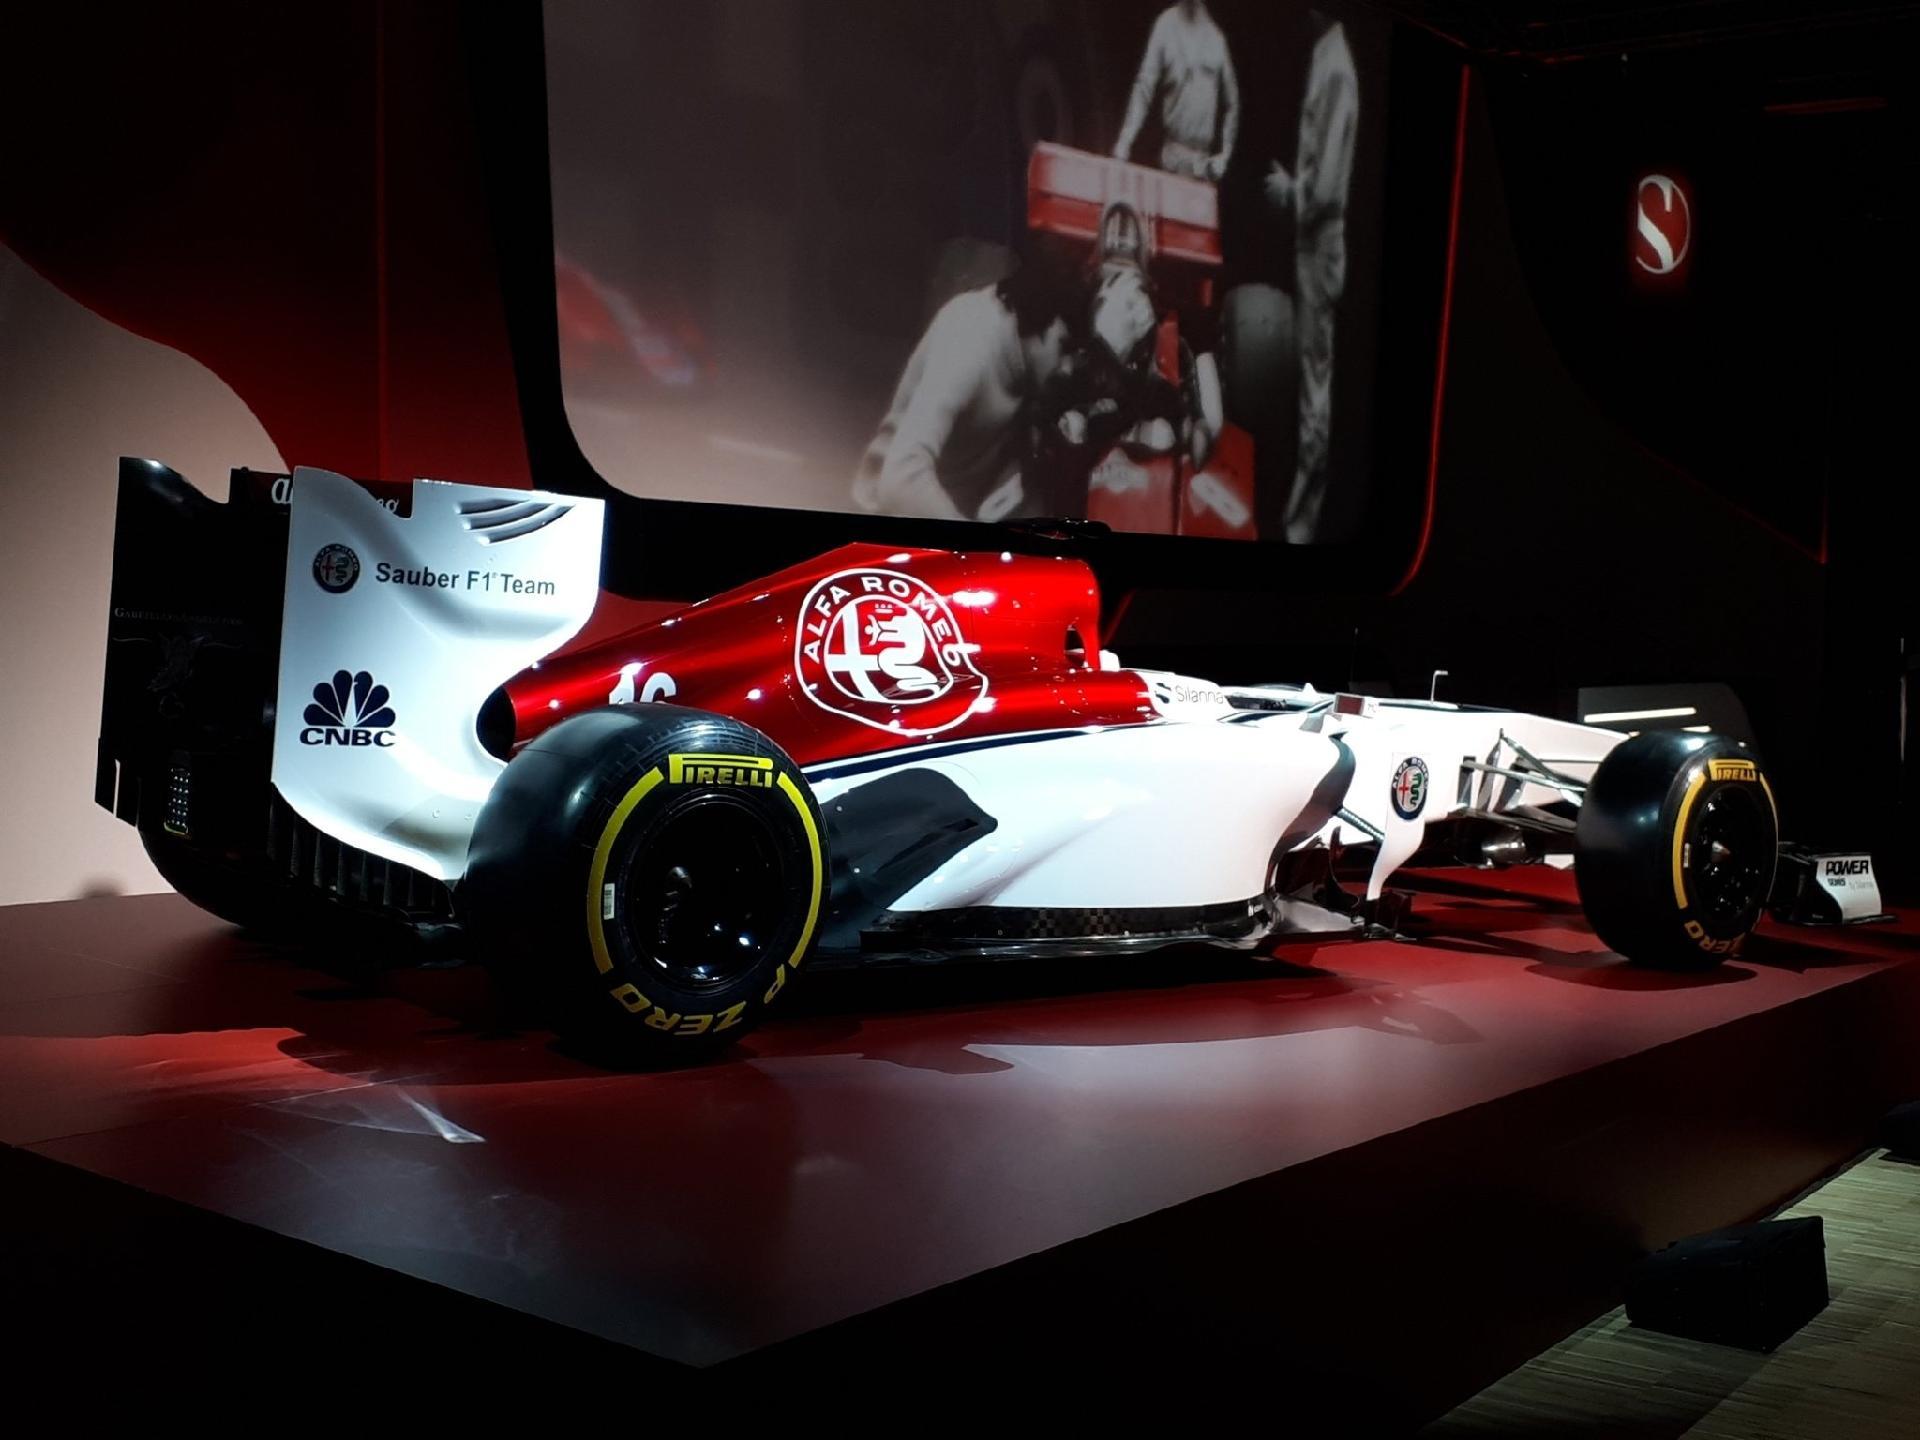 04b5666709 Sauber anuncia pilotos e apresenta layout vermelho e branco para 2018 -  02 12 2017 - UOL Esporte